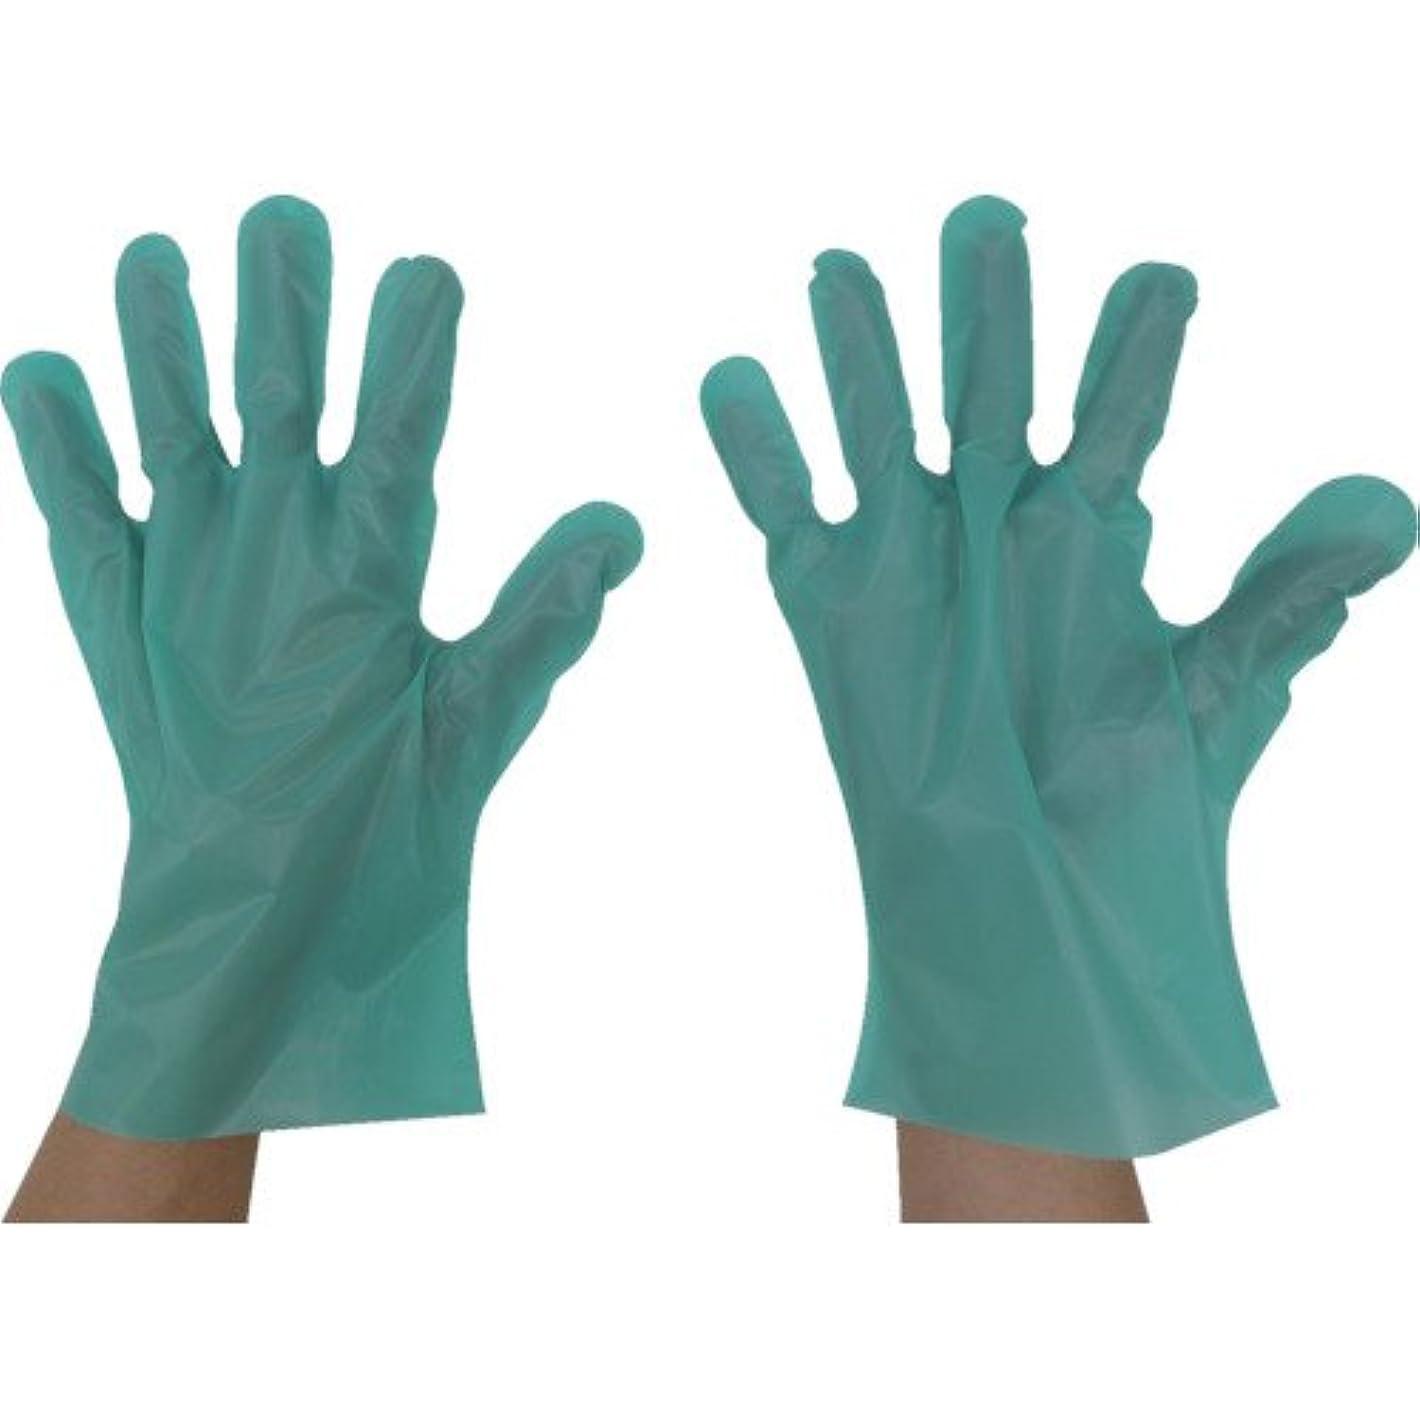 授業料グリーンバック注目すべき東京パック エンボス手袋五本絞りエコノミー化粧箱M グリーン GEK-M